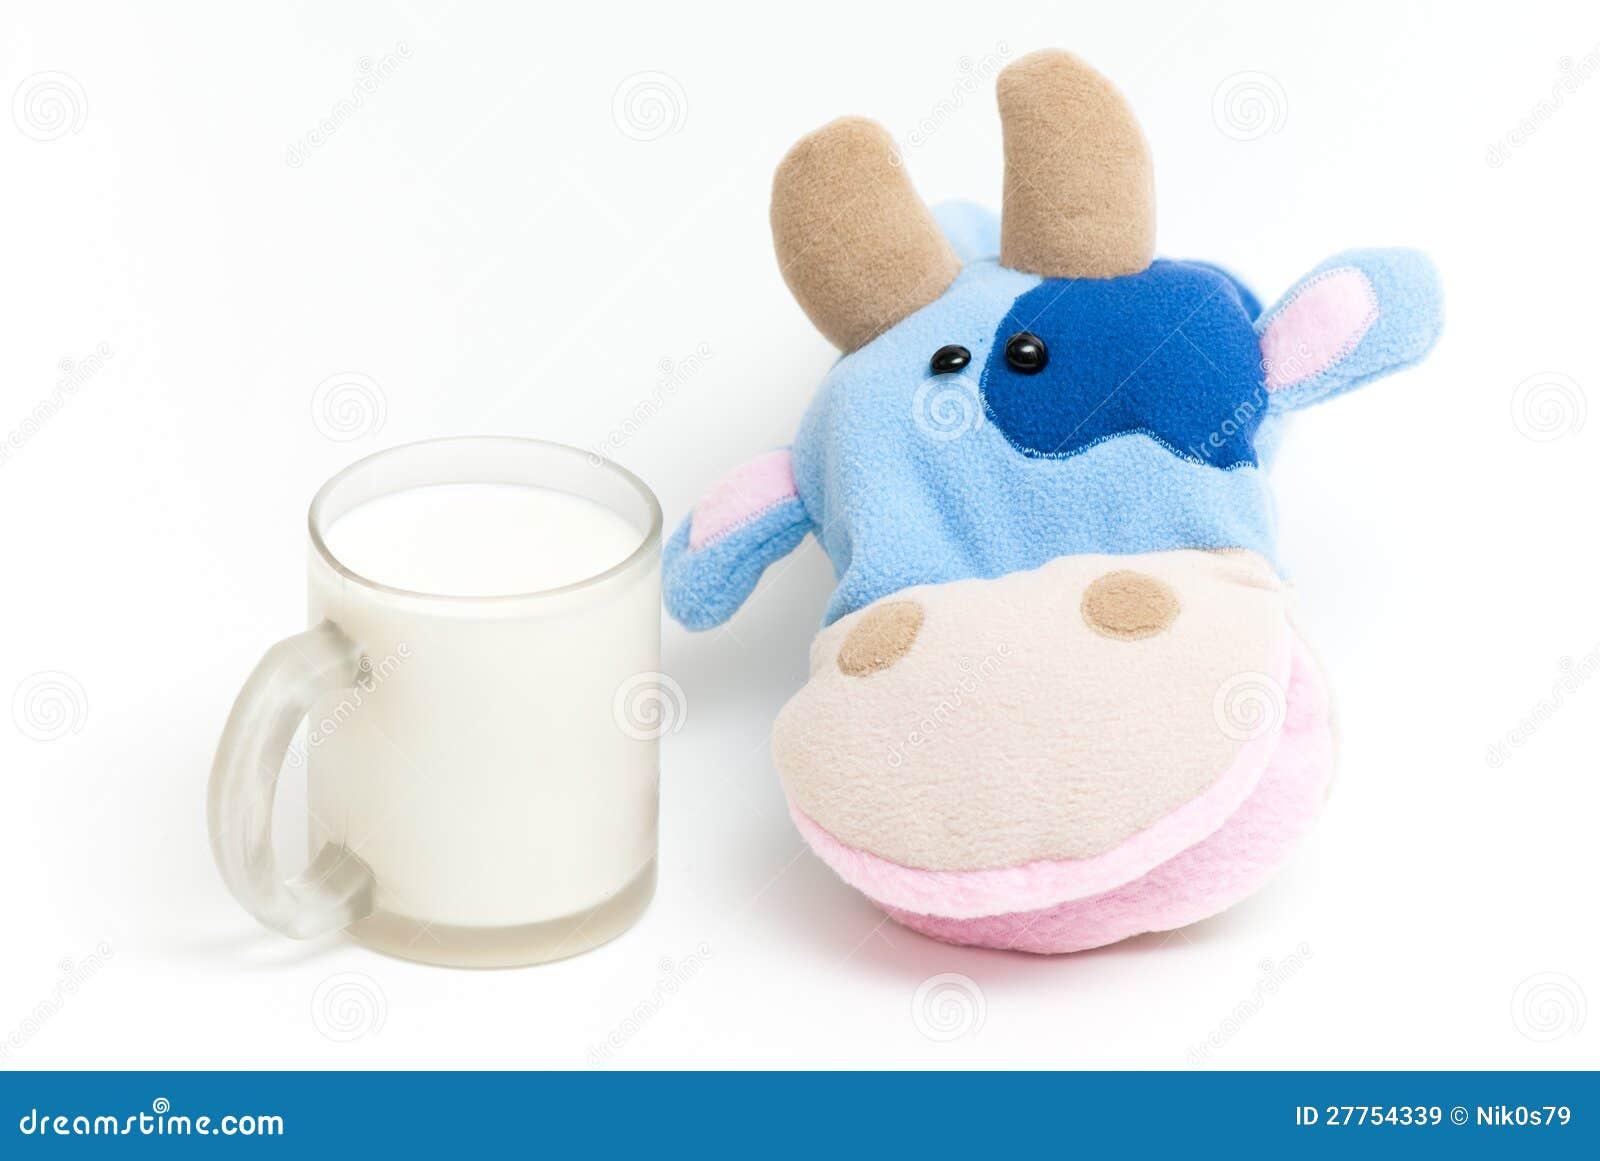 Zachte het stuk speelgoed van de hand koe